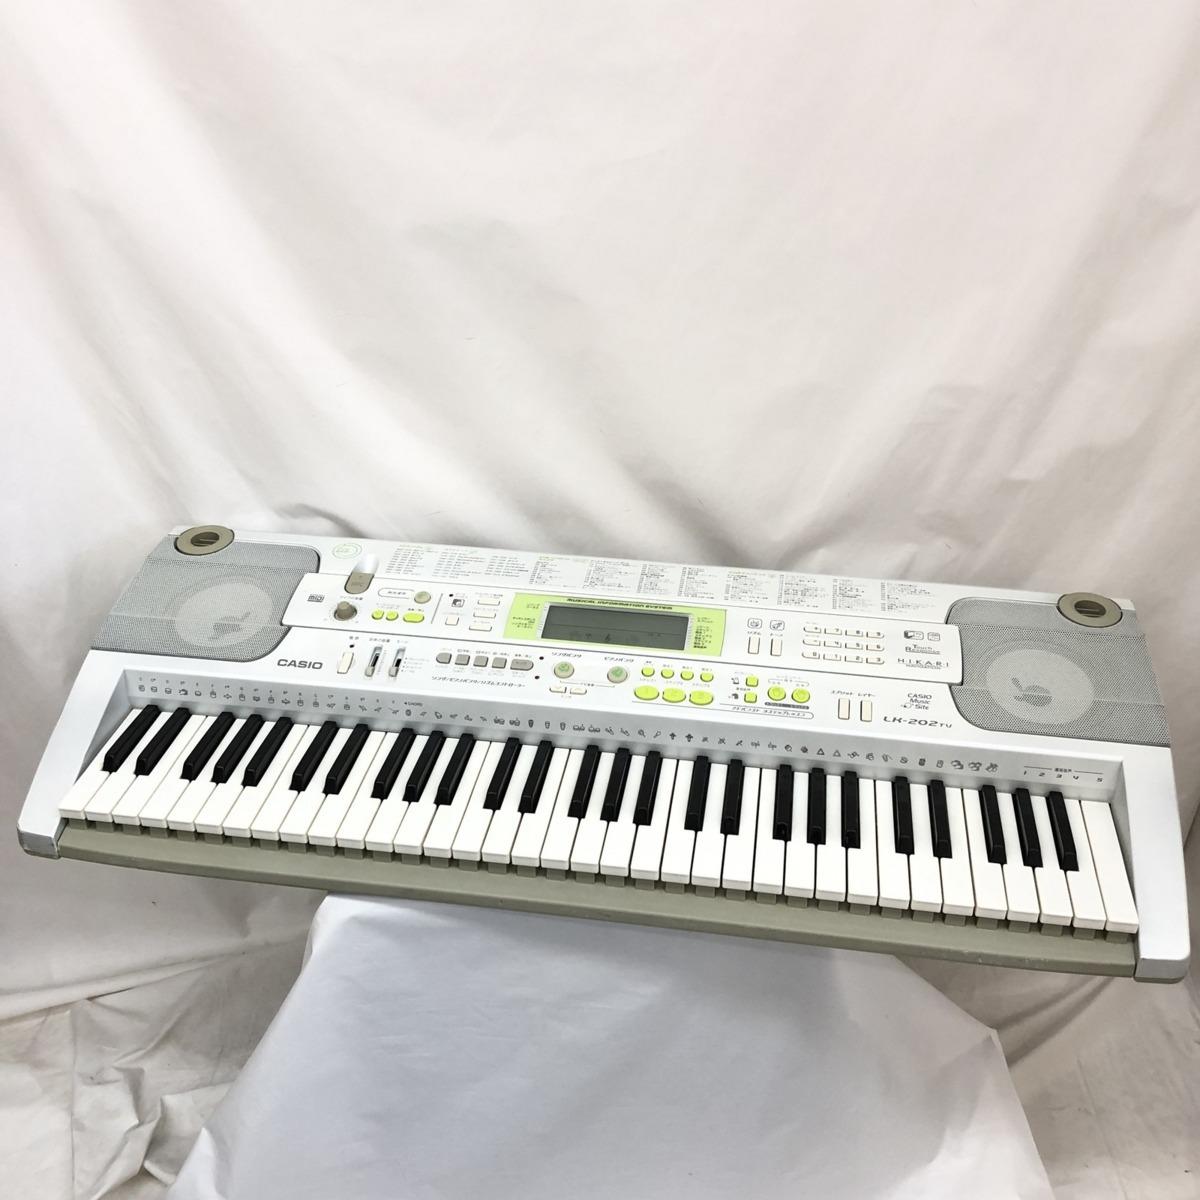 中古 CASIO カシオ 電子キーボード 光ナビゲーション LK-202TV 61鍵盤 シルバー グリーン 電子ピアノ 鍵盤楽器 アダプター 難あり H15233_画像1